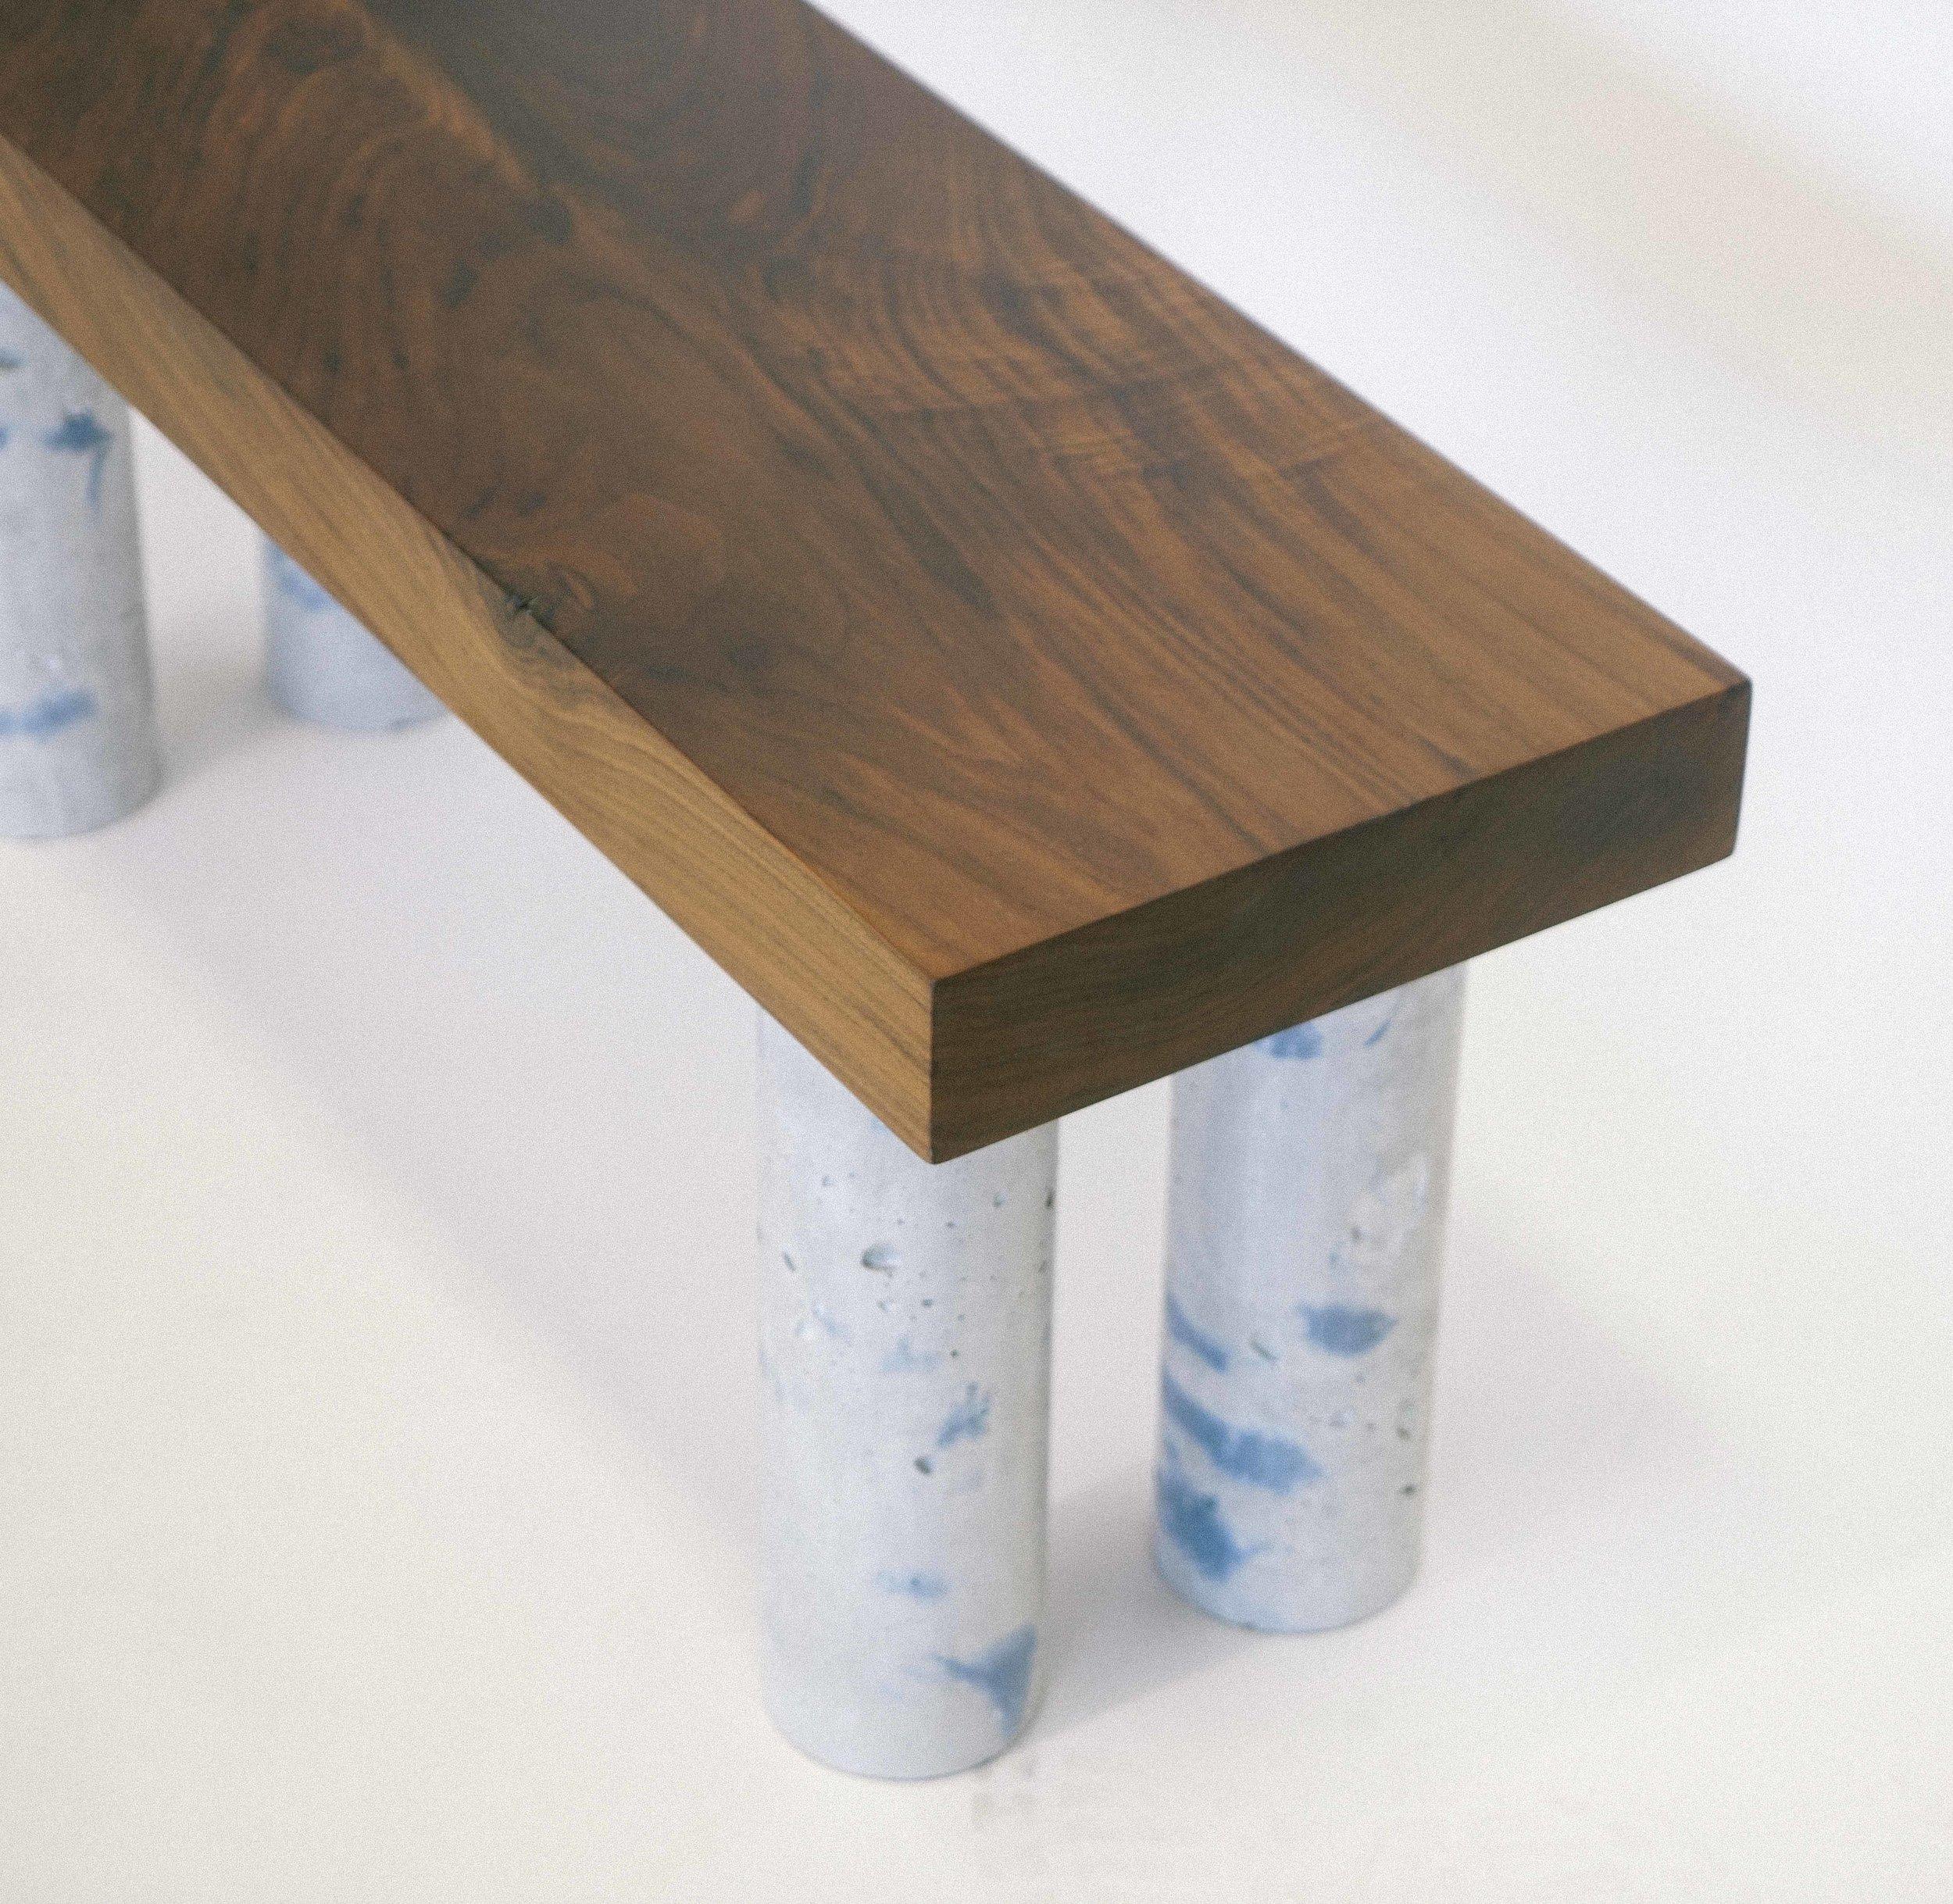 bench_3.jpg